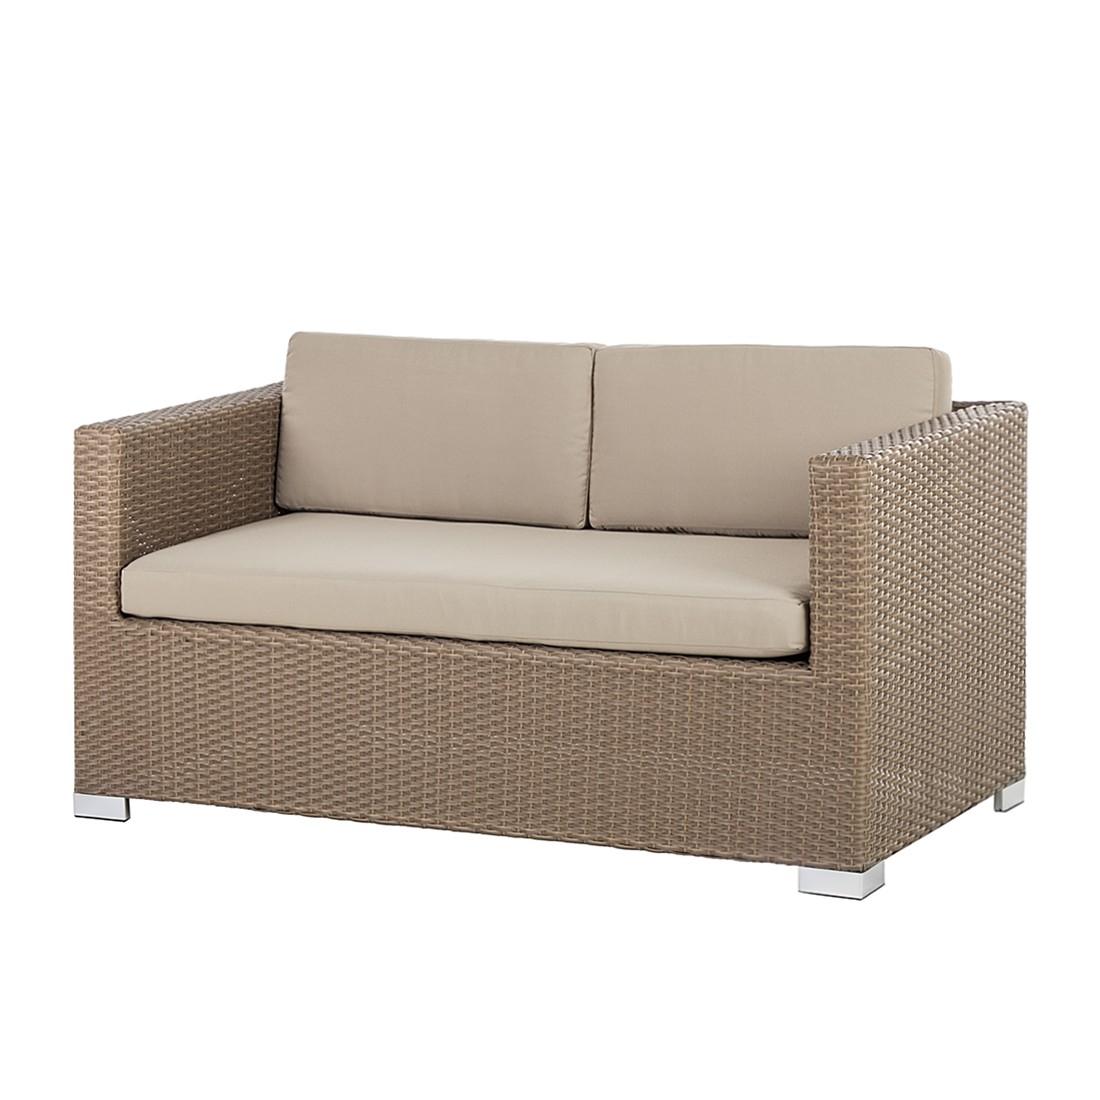 Sofa Rattanesco Puca – Polyrattan/Textil – Braun/Beige, King's Garden bestellen